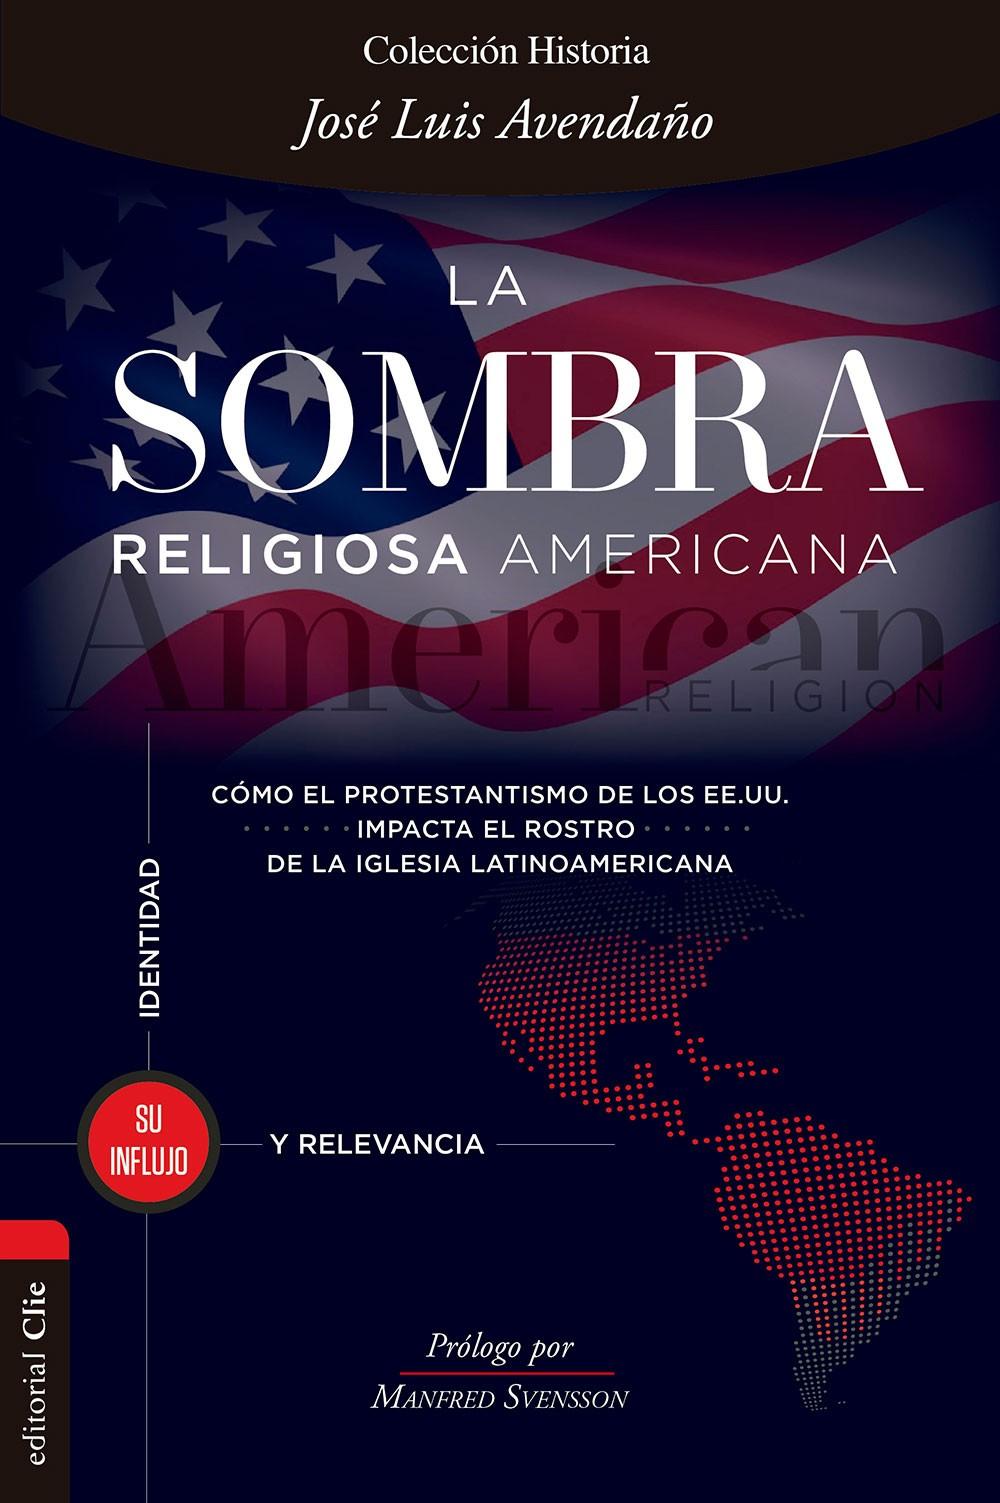 La sombra religiosa americana. Cómo el protestantismo de los EE. UU. impacta el rostro de la iglesia latinoamericana